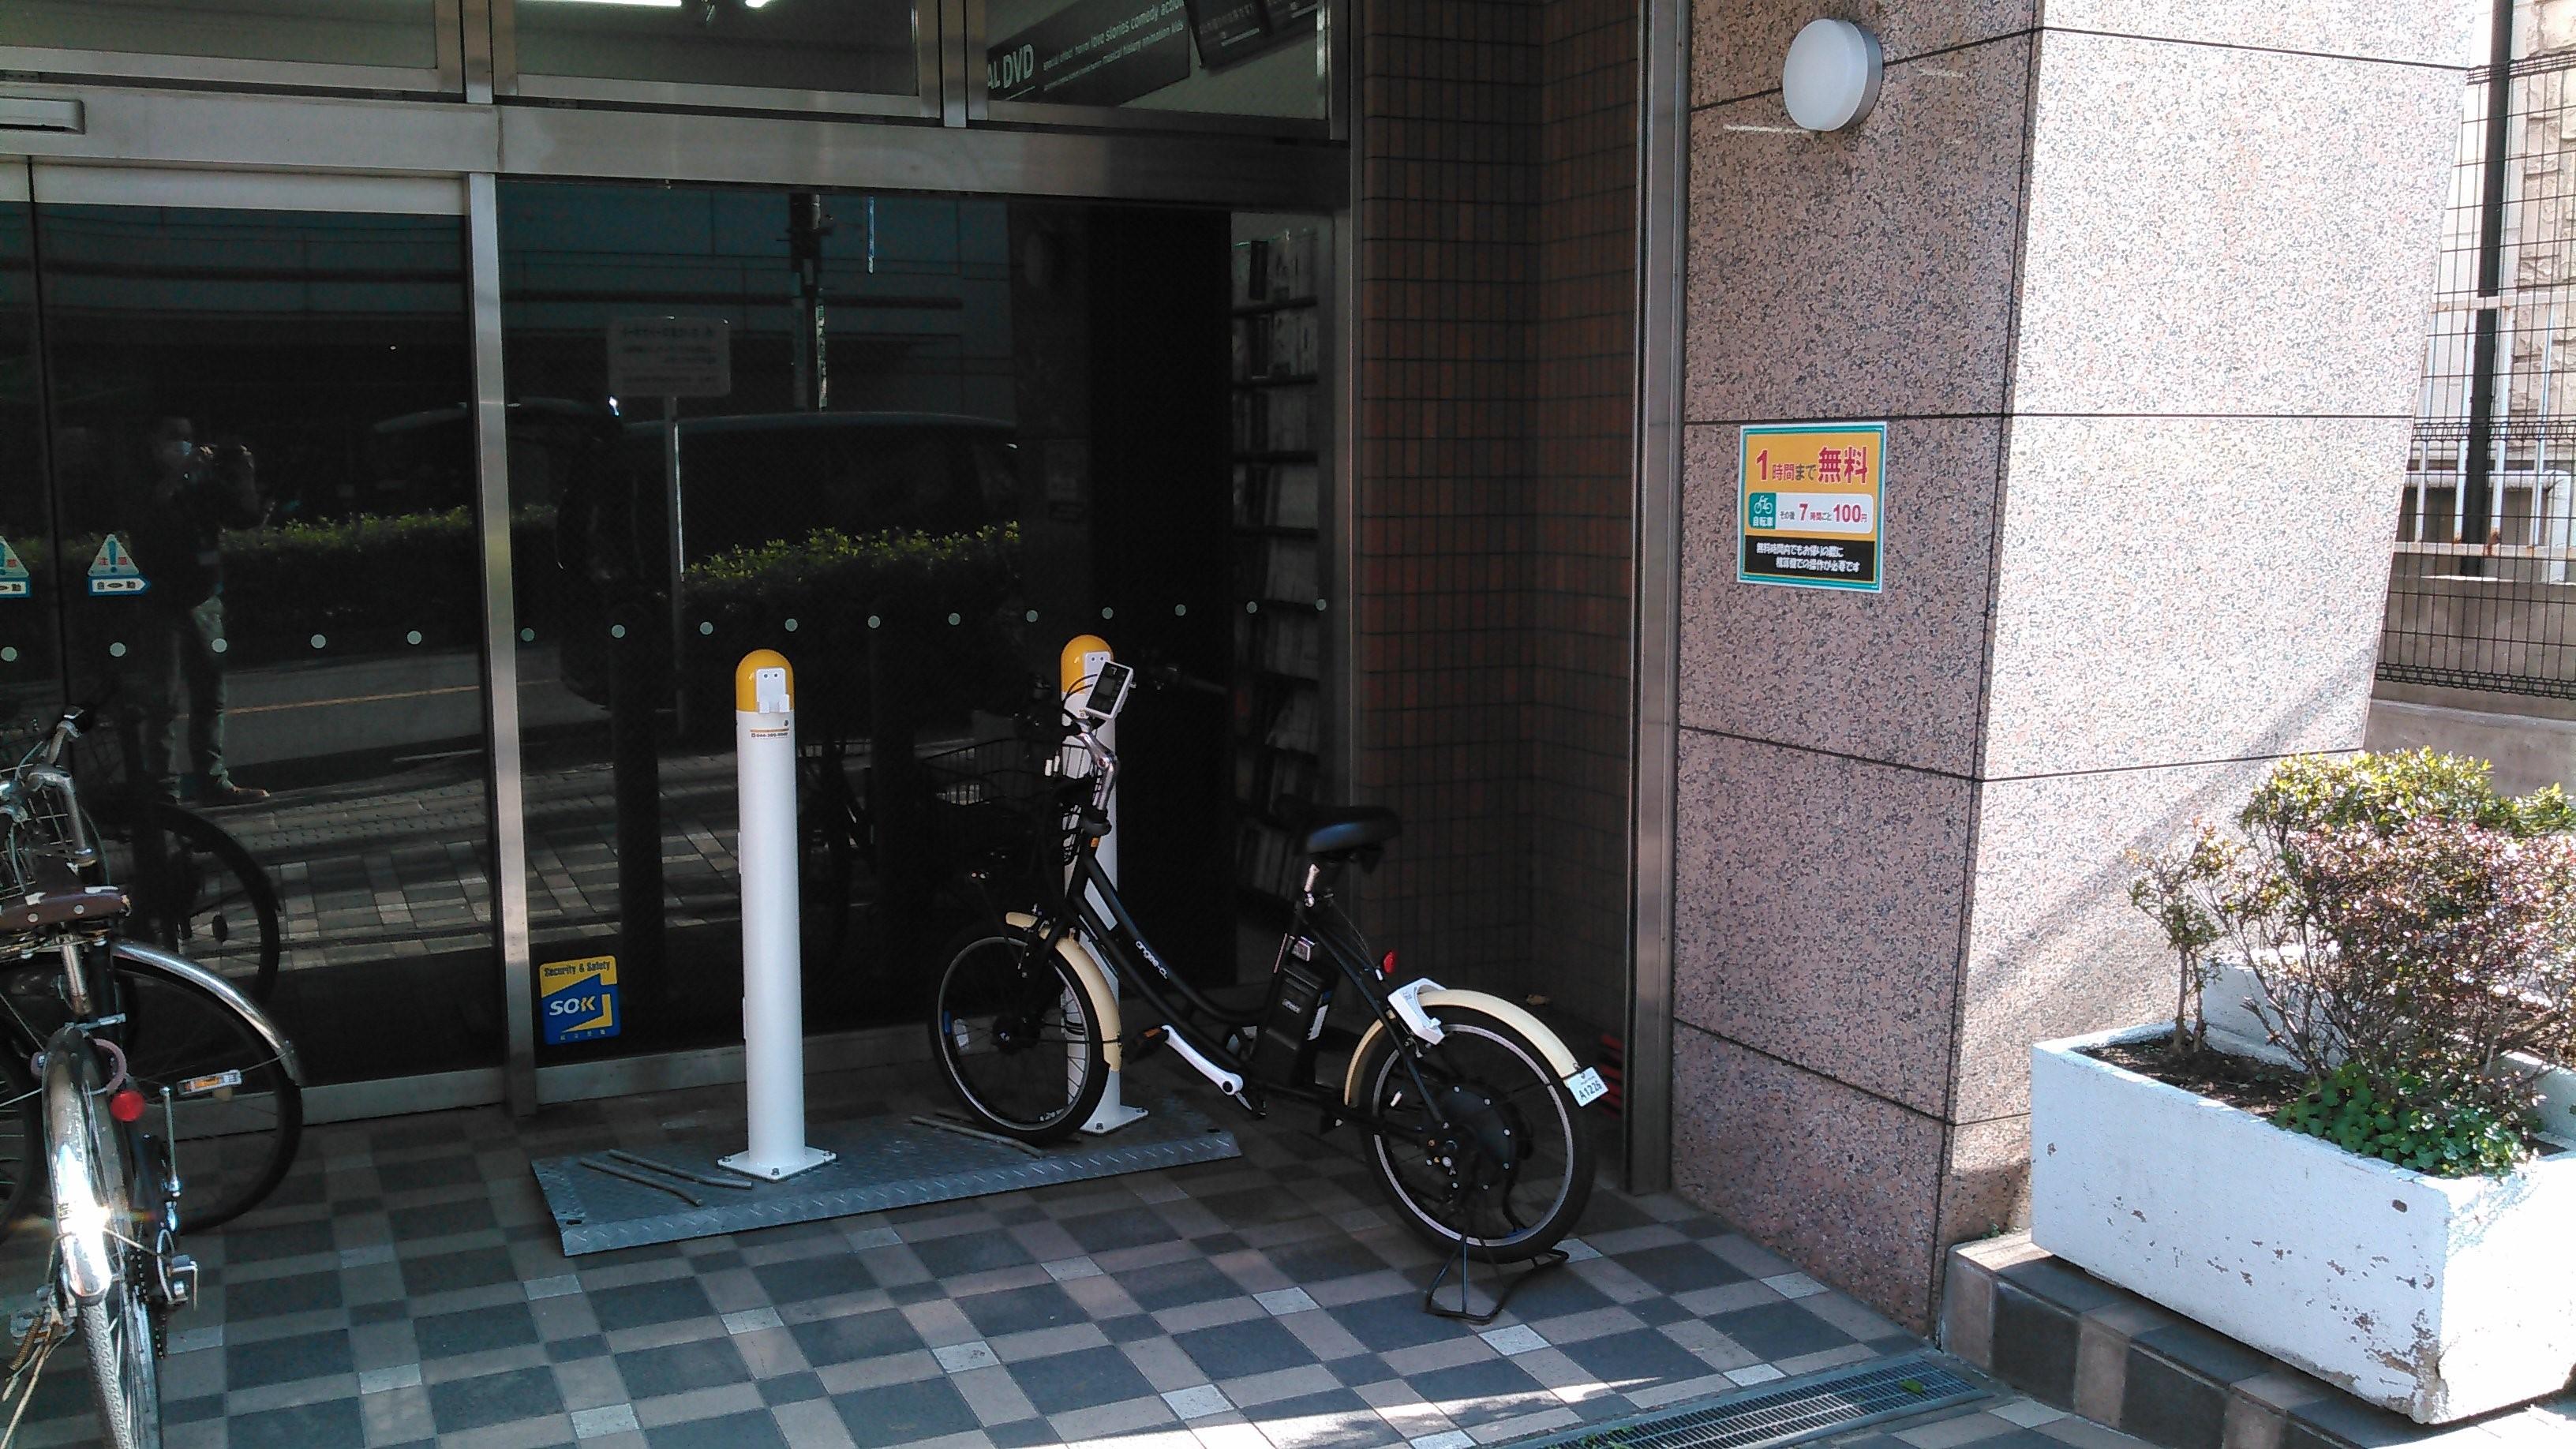 【ベルシェア】蔦屋 南浦和西口店 (HELLO CYCLING ポート) image